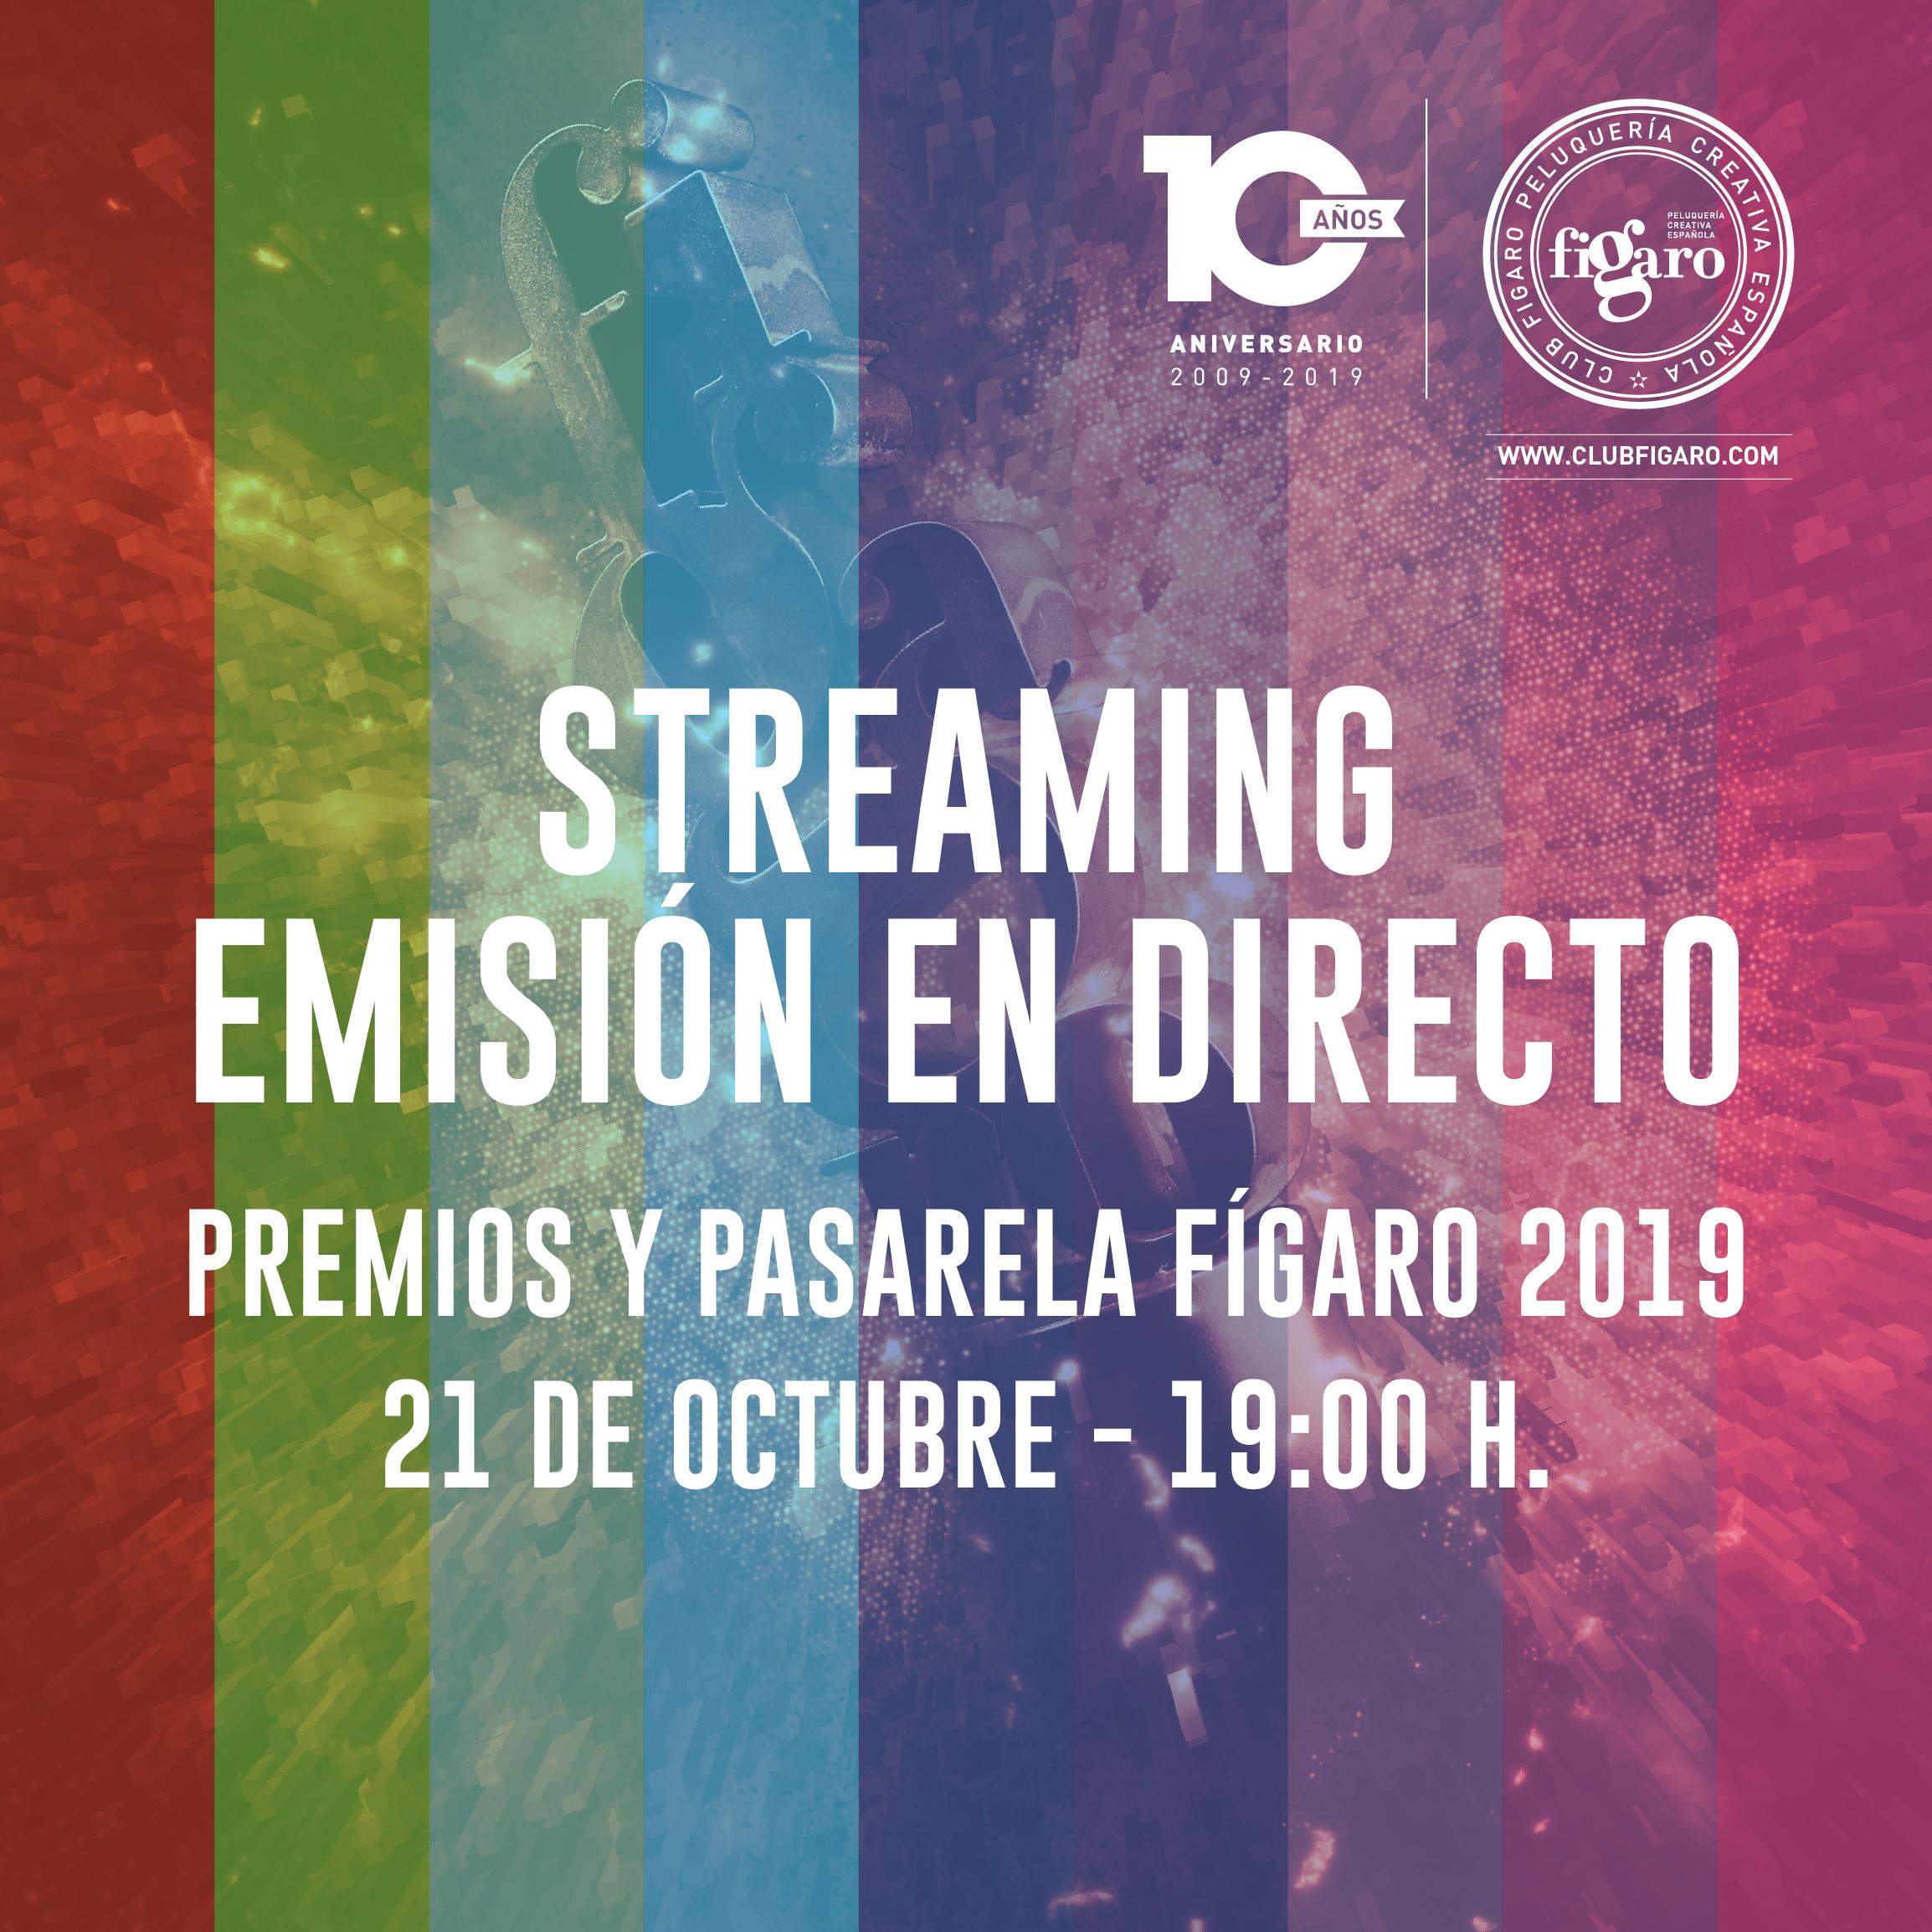 La 10ª edición de los Premios Fígaro, en directo